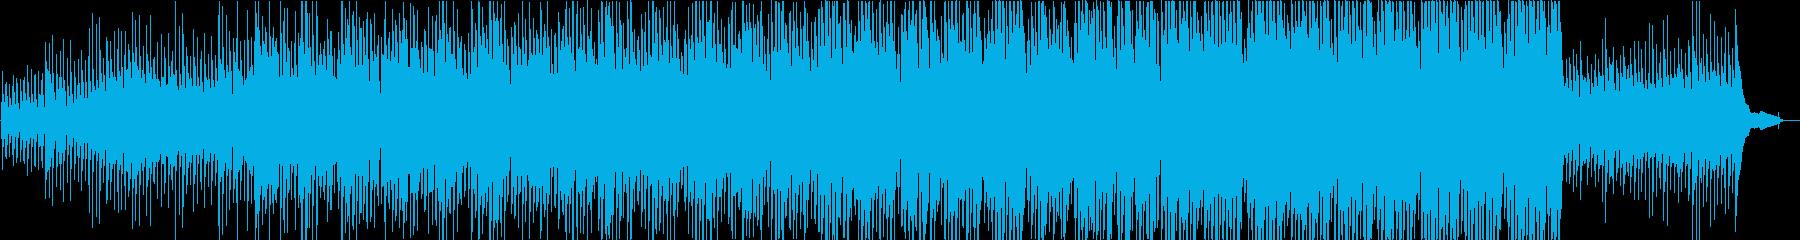 ギター・ピアノ・ストリングス・ポジティブの再生済みの波形